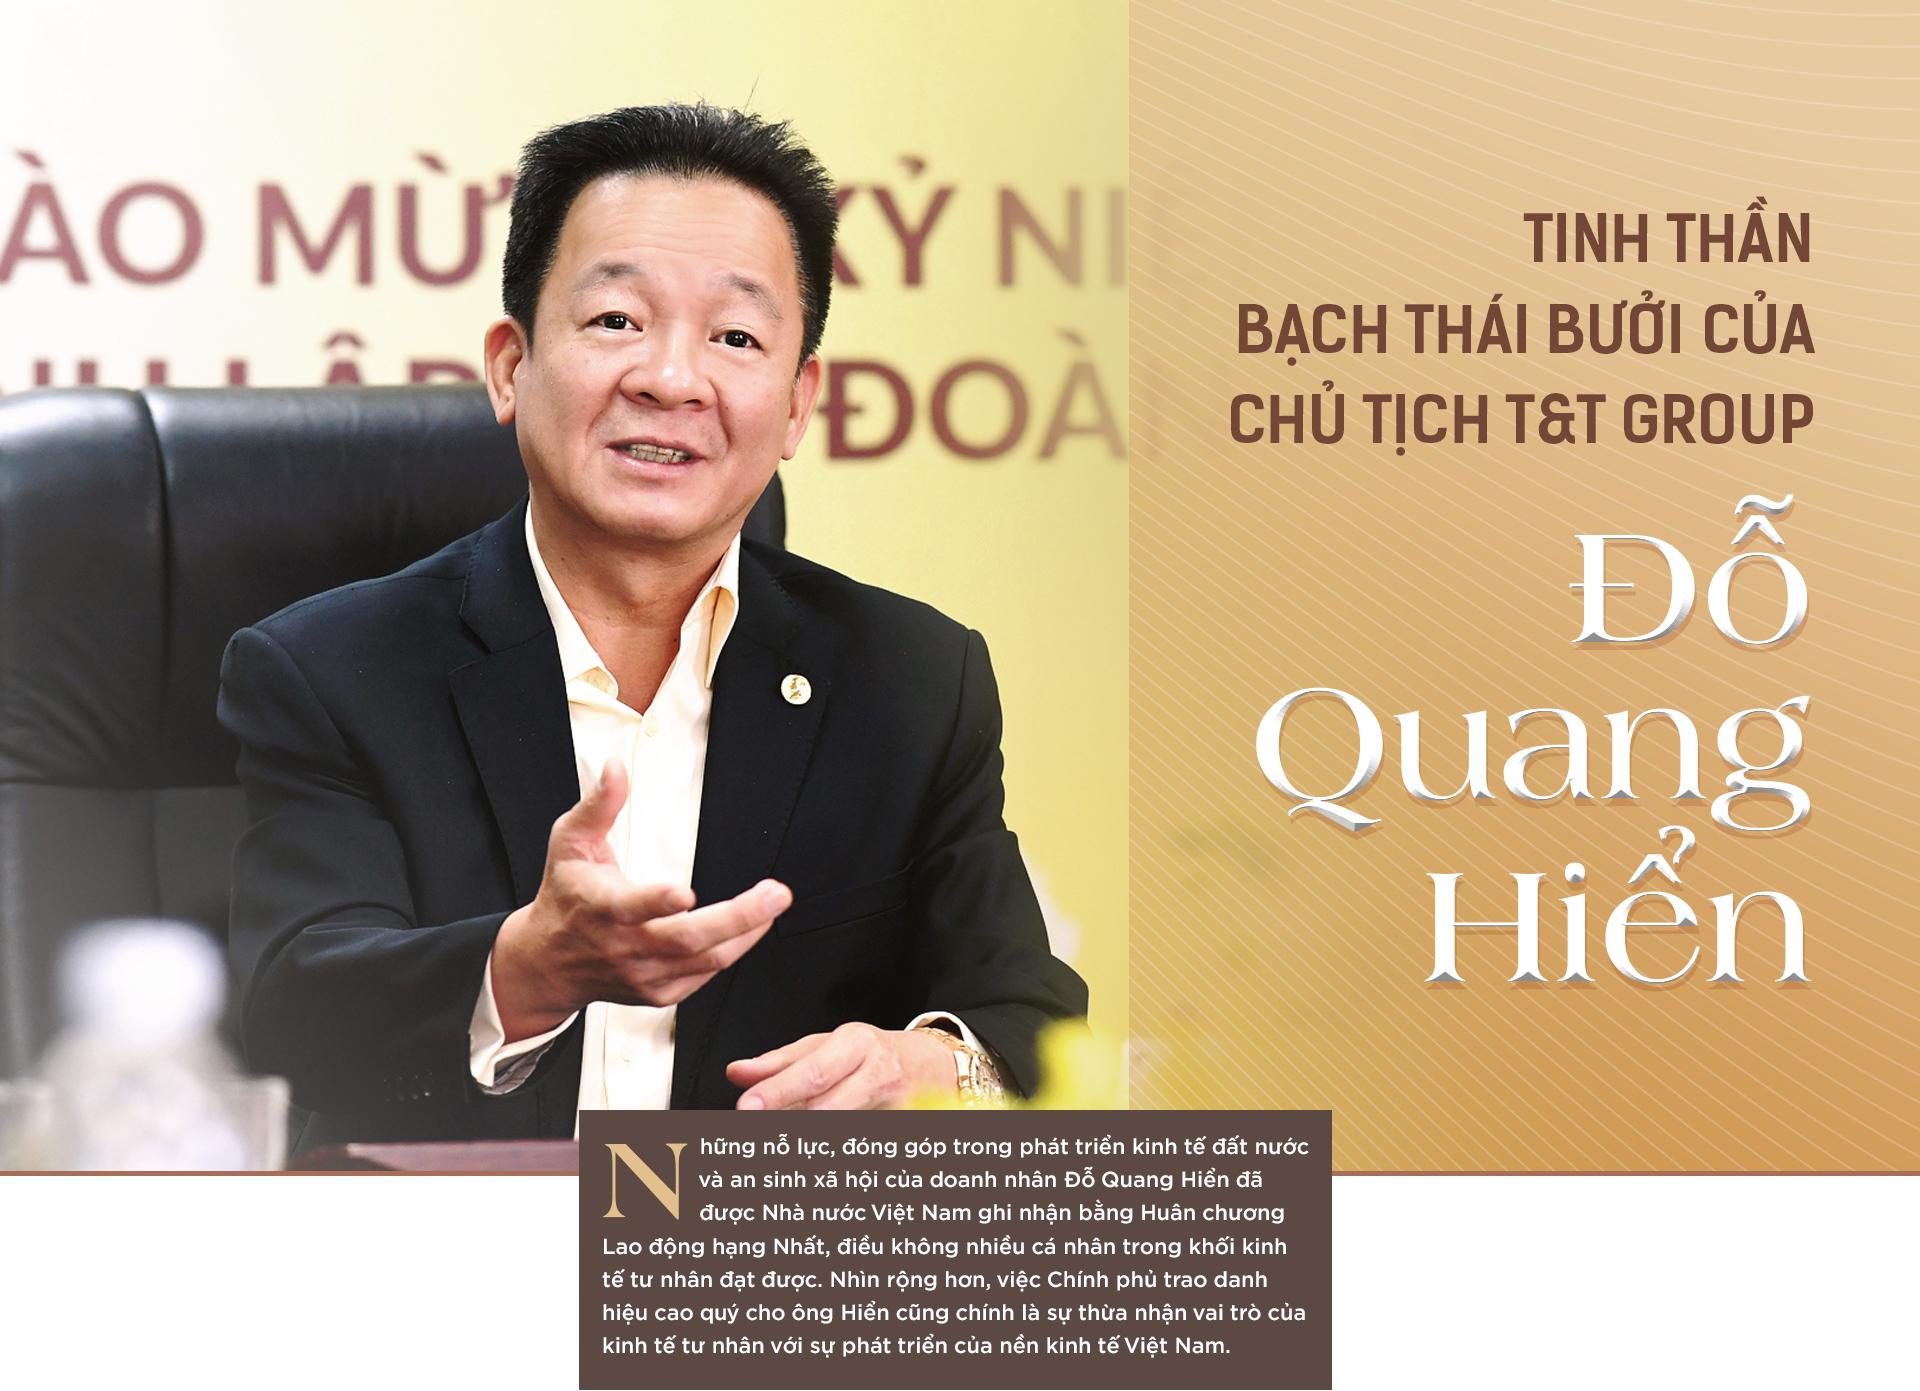 Tinh thần Bạch Thái Bưởi của Chủ tịch T&T Group Đỗ Quang Hiển